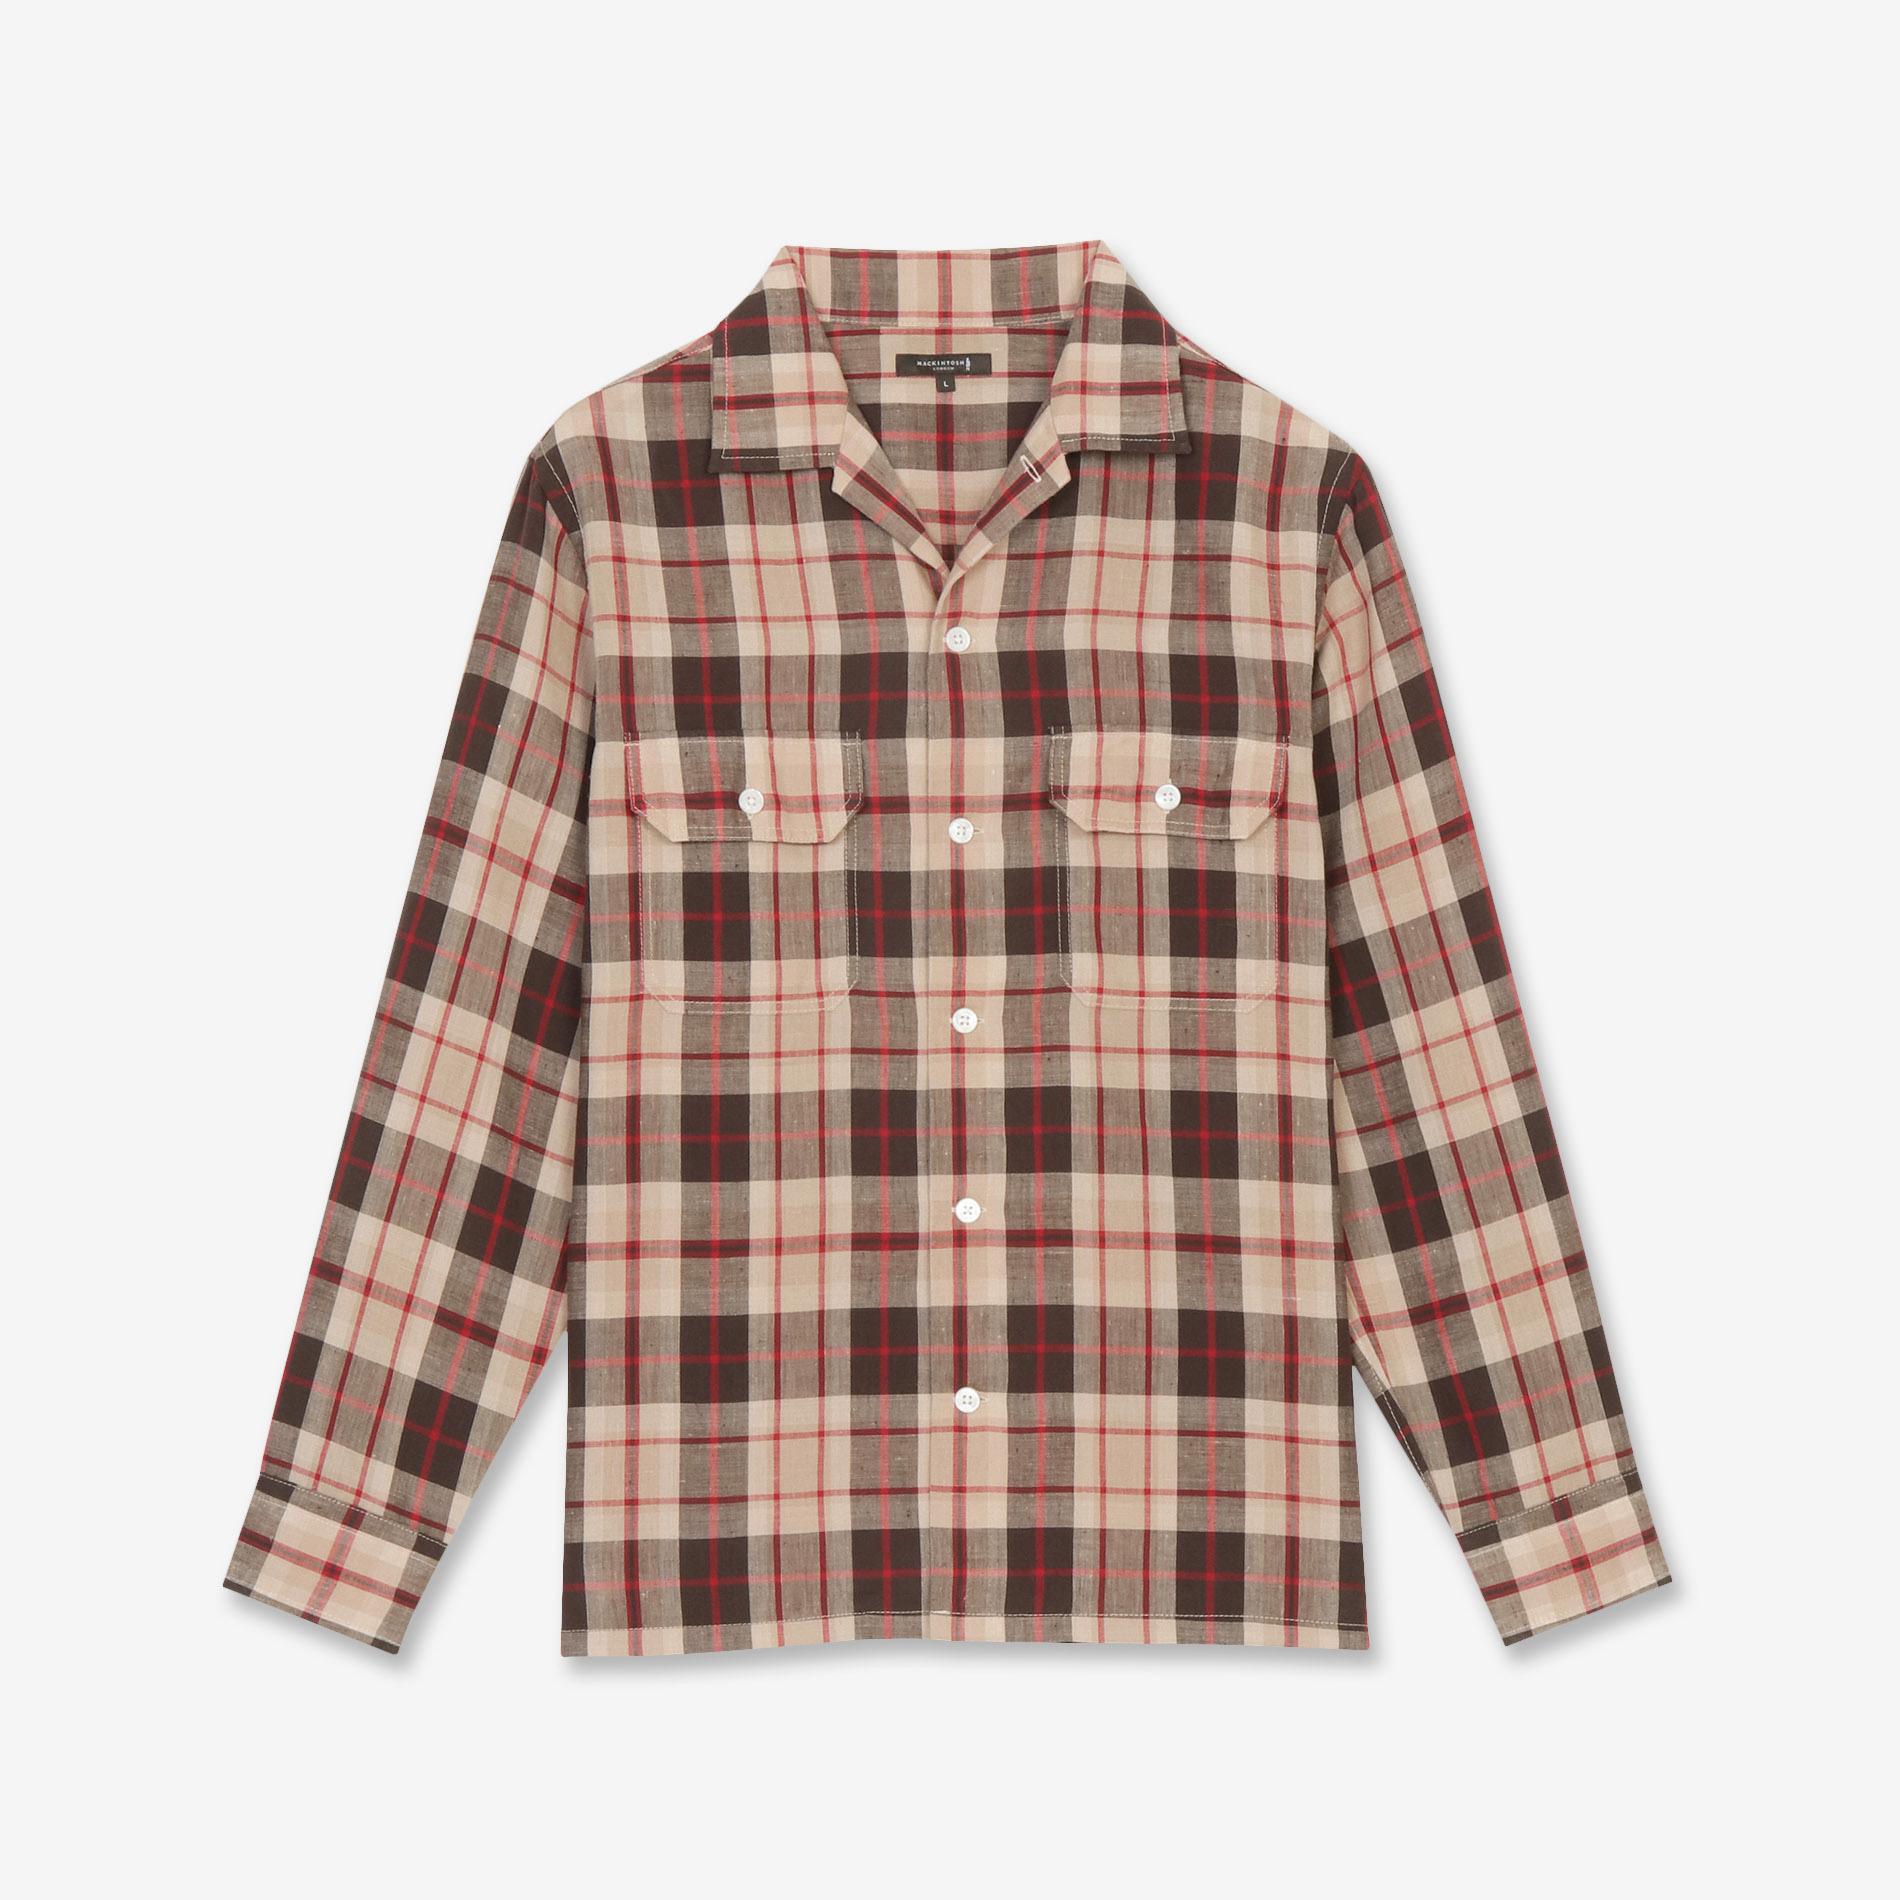 ドレスゴードンカジュアルシャツ